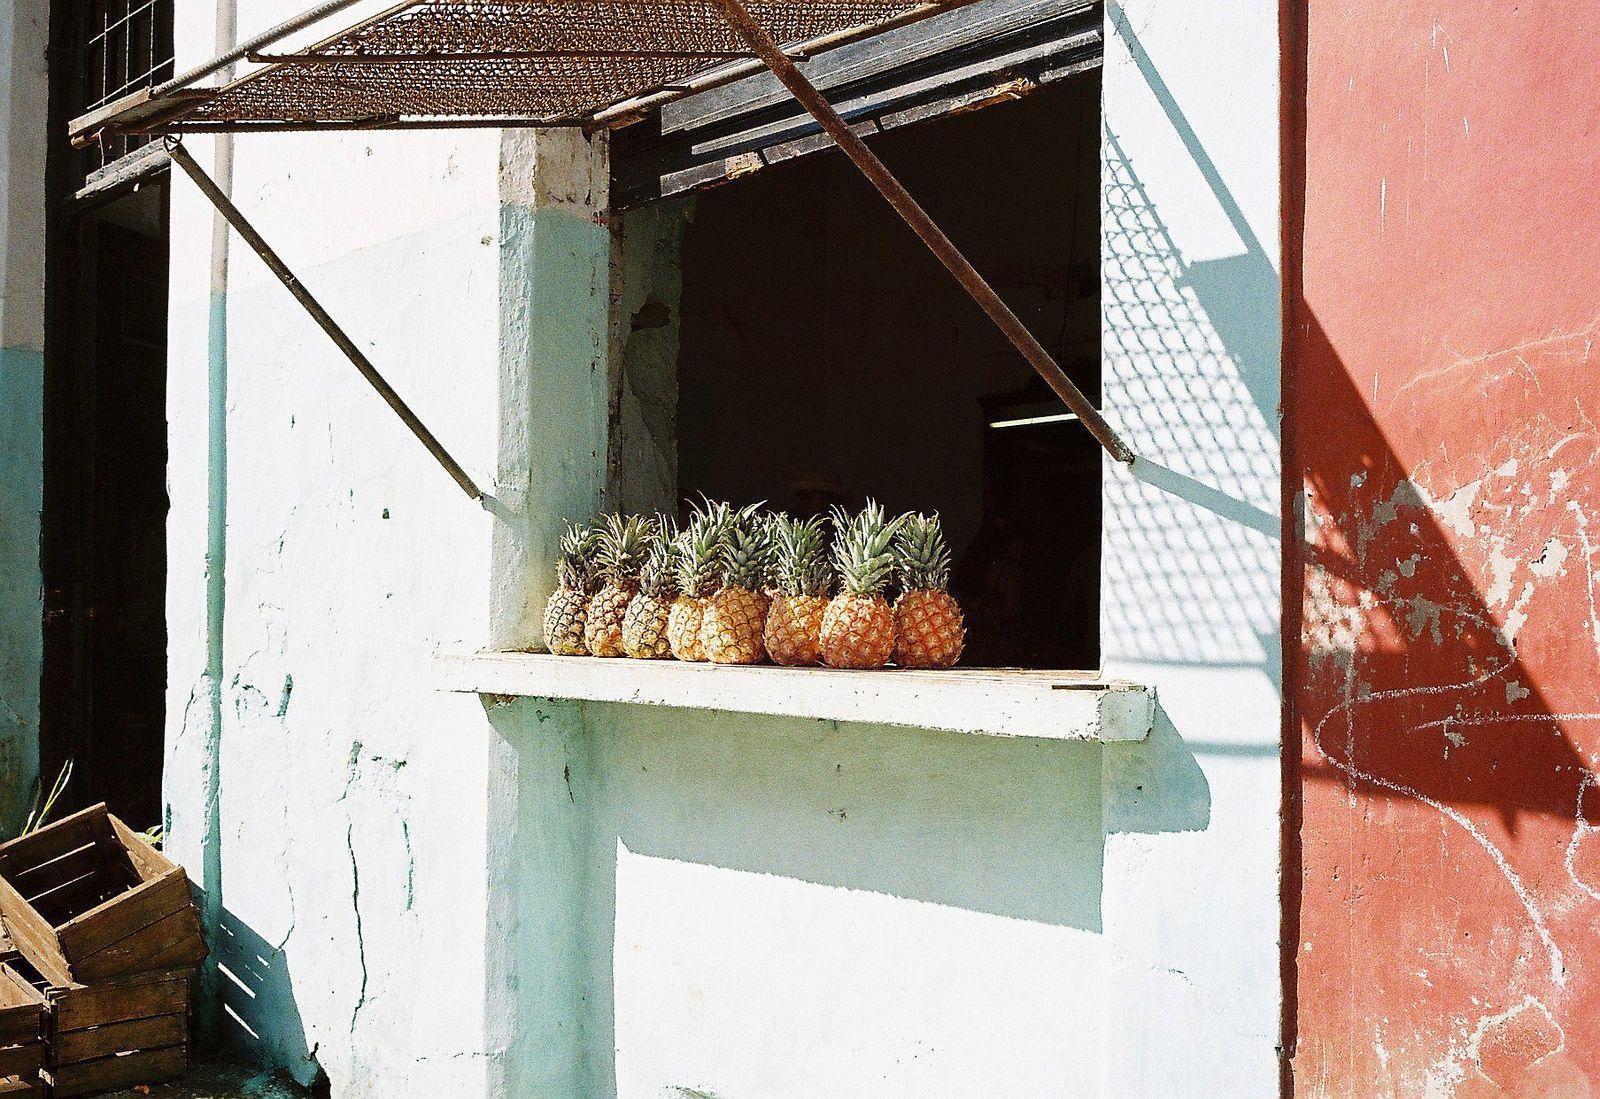 All sizes | Cuba Habana | Flickr - Photo Sharing!